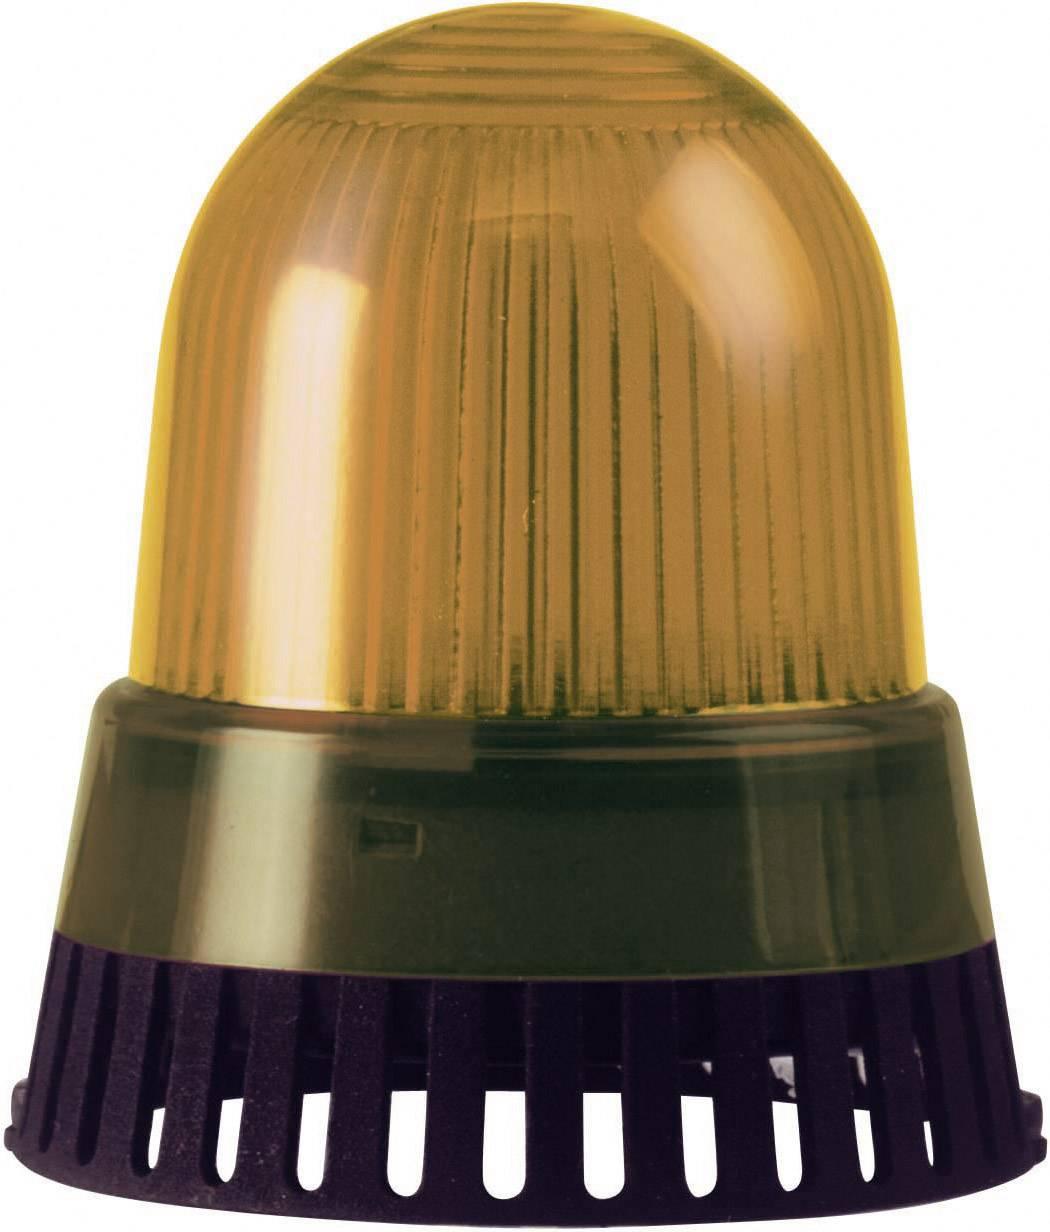 Signalizačný bzučiak LED Werma Signaltechnik 420.310.75, 92 dB, 24 V/AC, 24 V/DC, trvalé svetlo, žltá